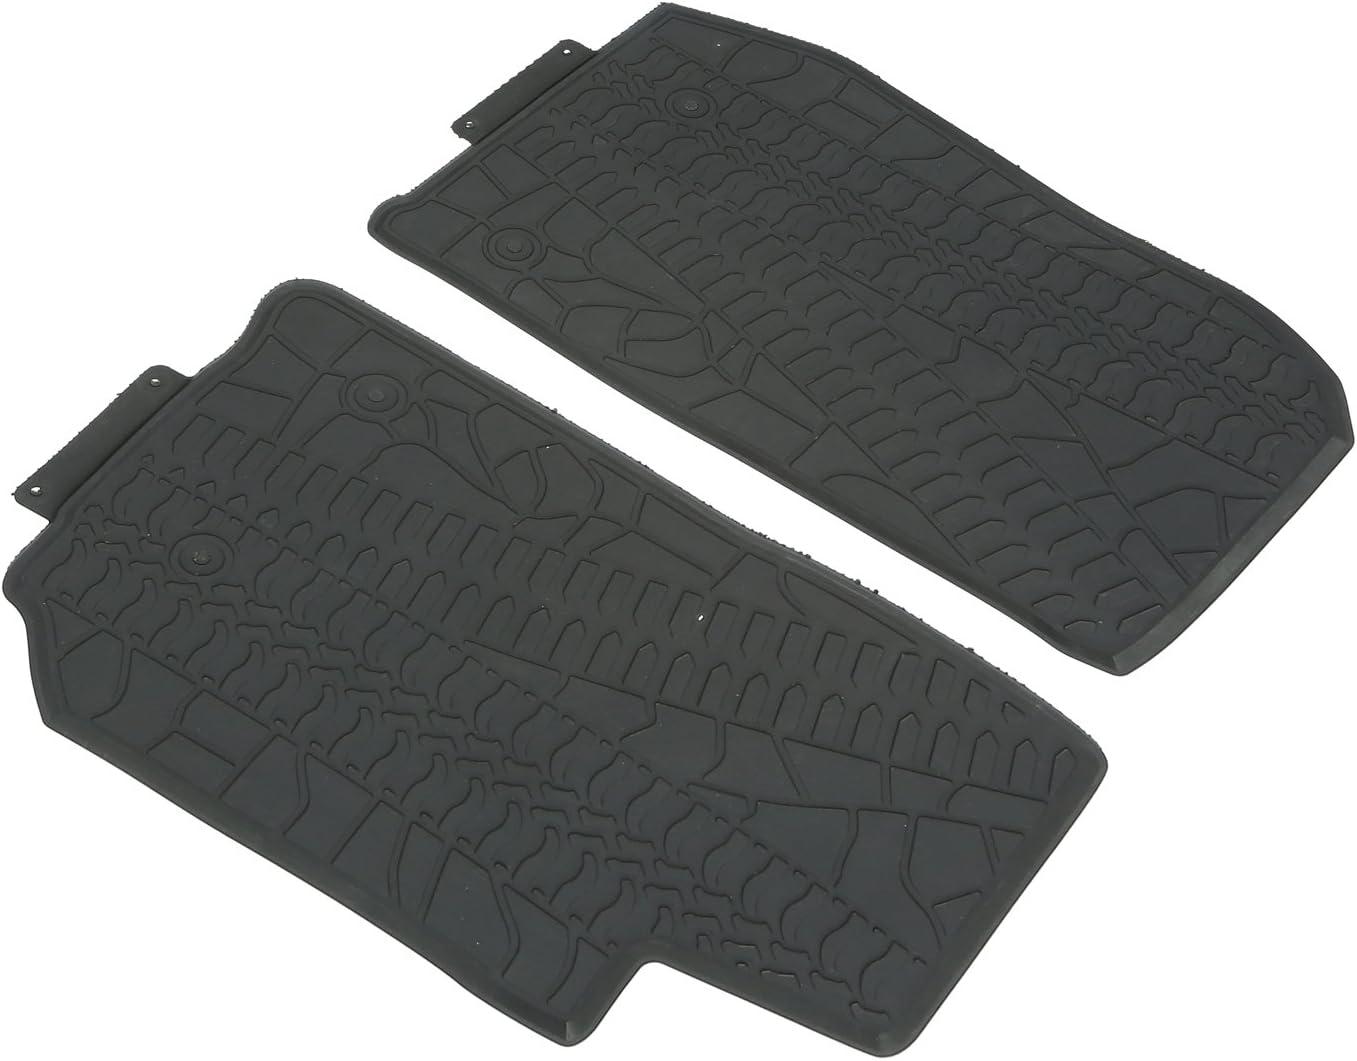 kkone Black Rubber Rear Row Floor Mats Liner Carpets for 2007-2018 Jeep Wrangler JK 2-Door